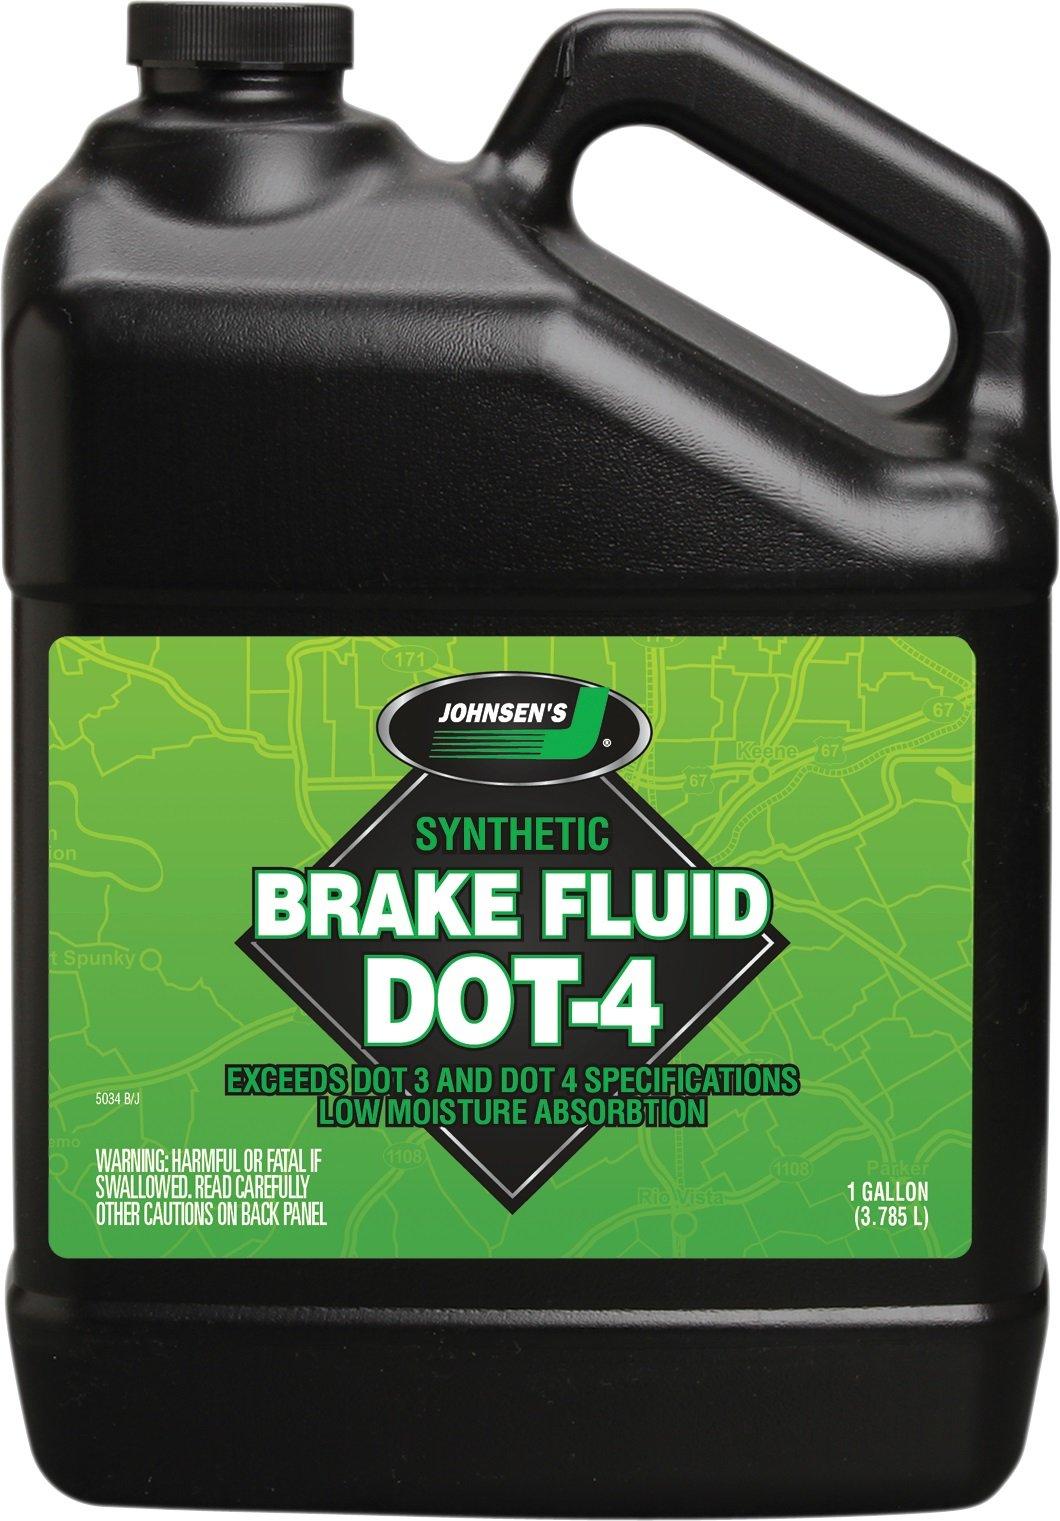 Johnsen's 5034-4PK Premium Synthetic DOT-4 Brake Fluid - 1 Gallon, (Pack of 4) by Johnsen's